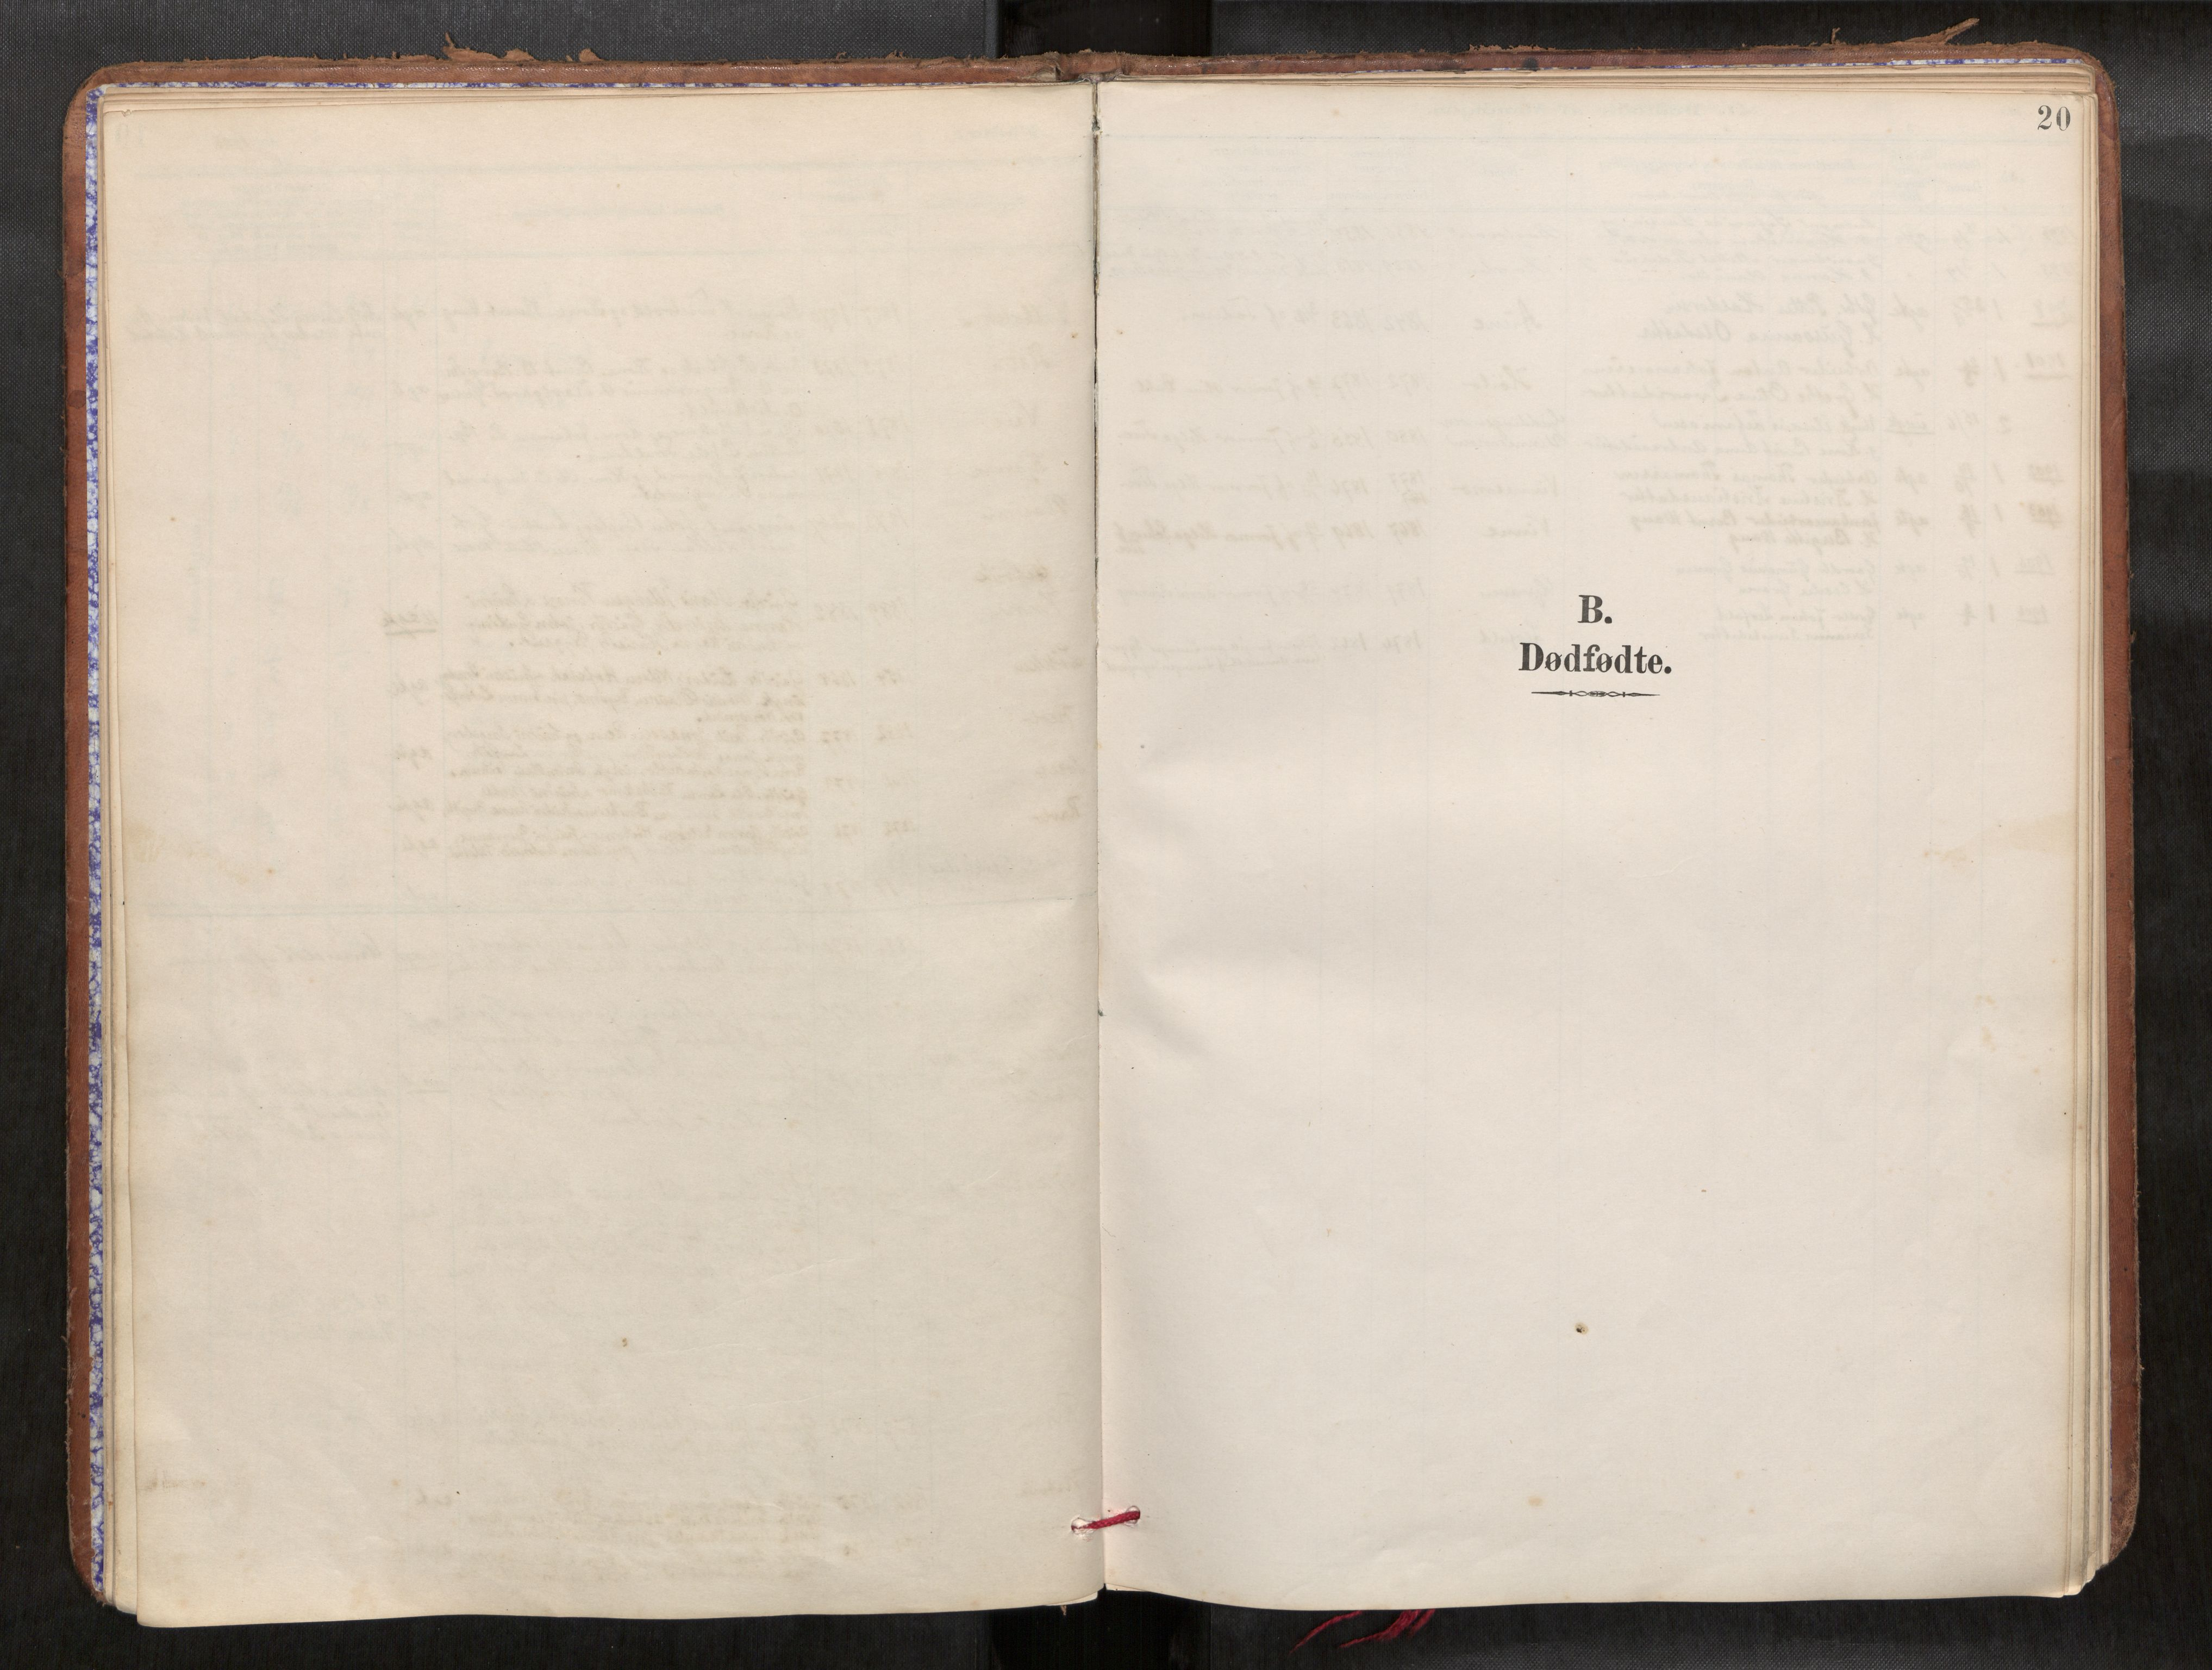 SAT, Verdal sokneprestkontor*, Parish register (official) no. 1, 1891-1907, p. 20